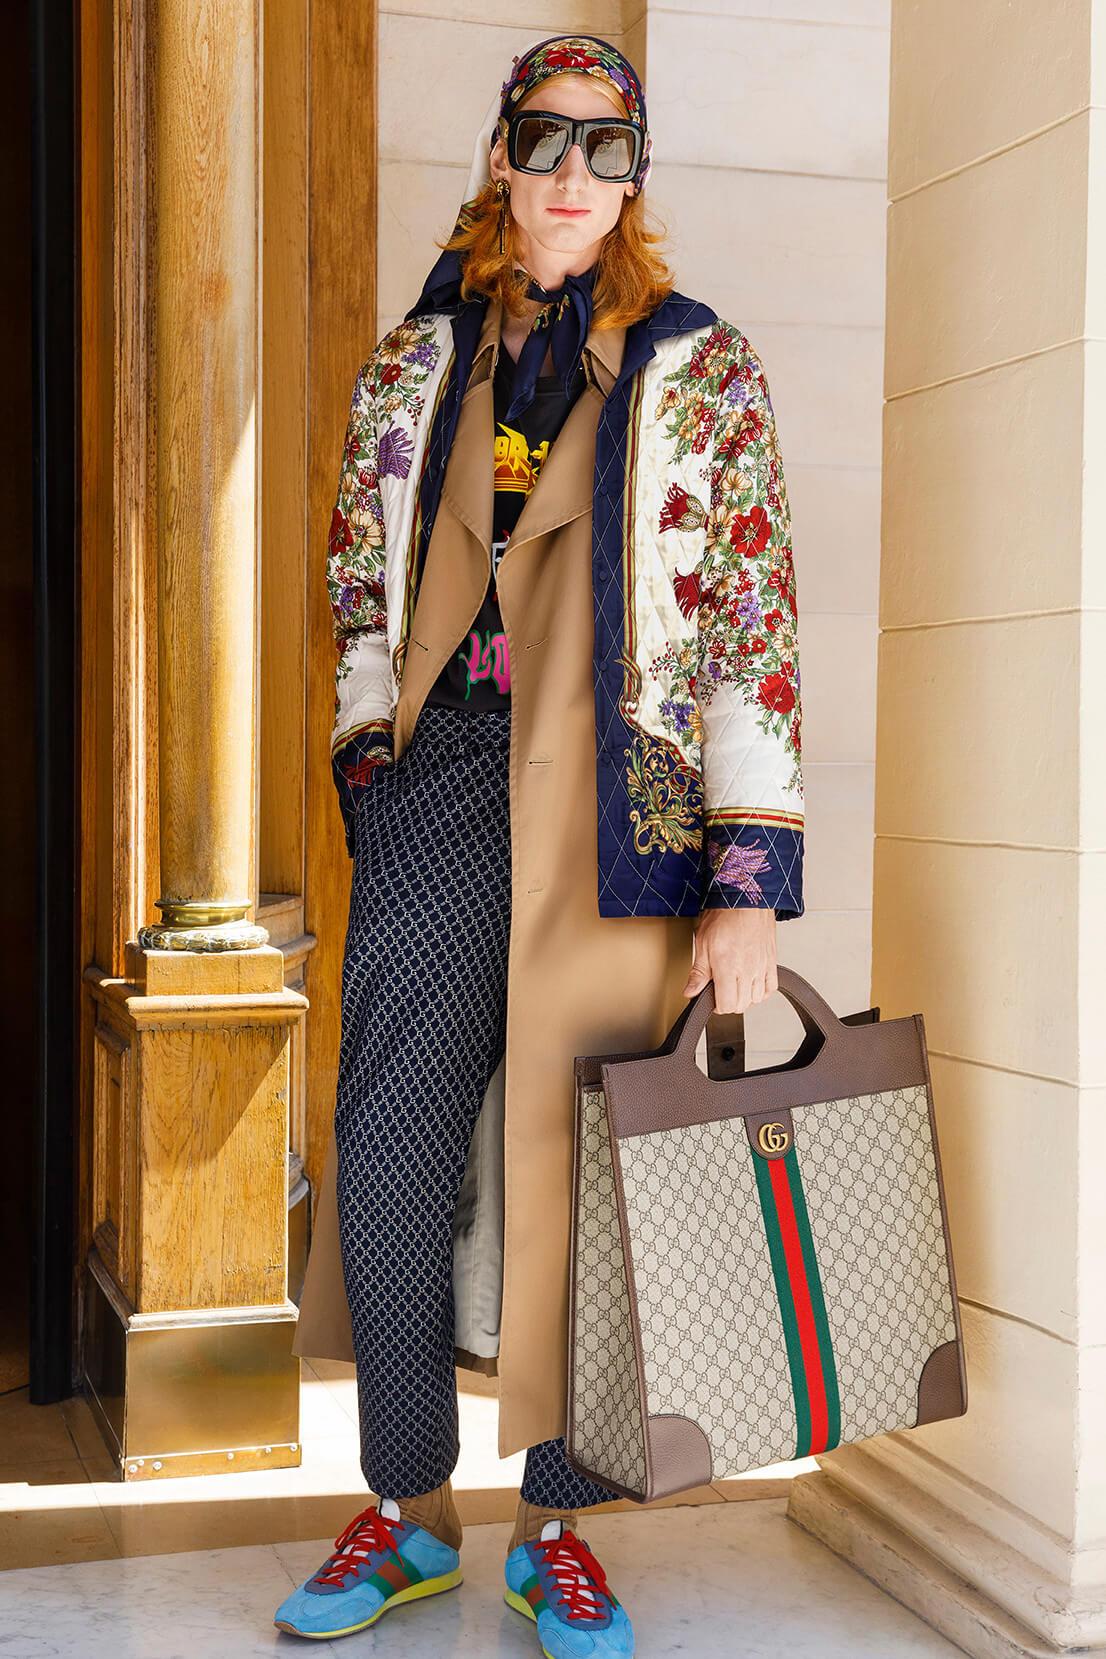 Gucci Cruise 2019. Fotografía: Martin Parr/Gucci